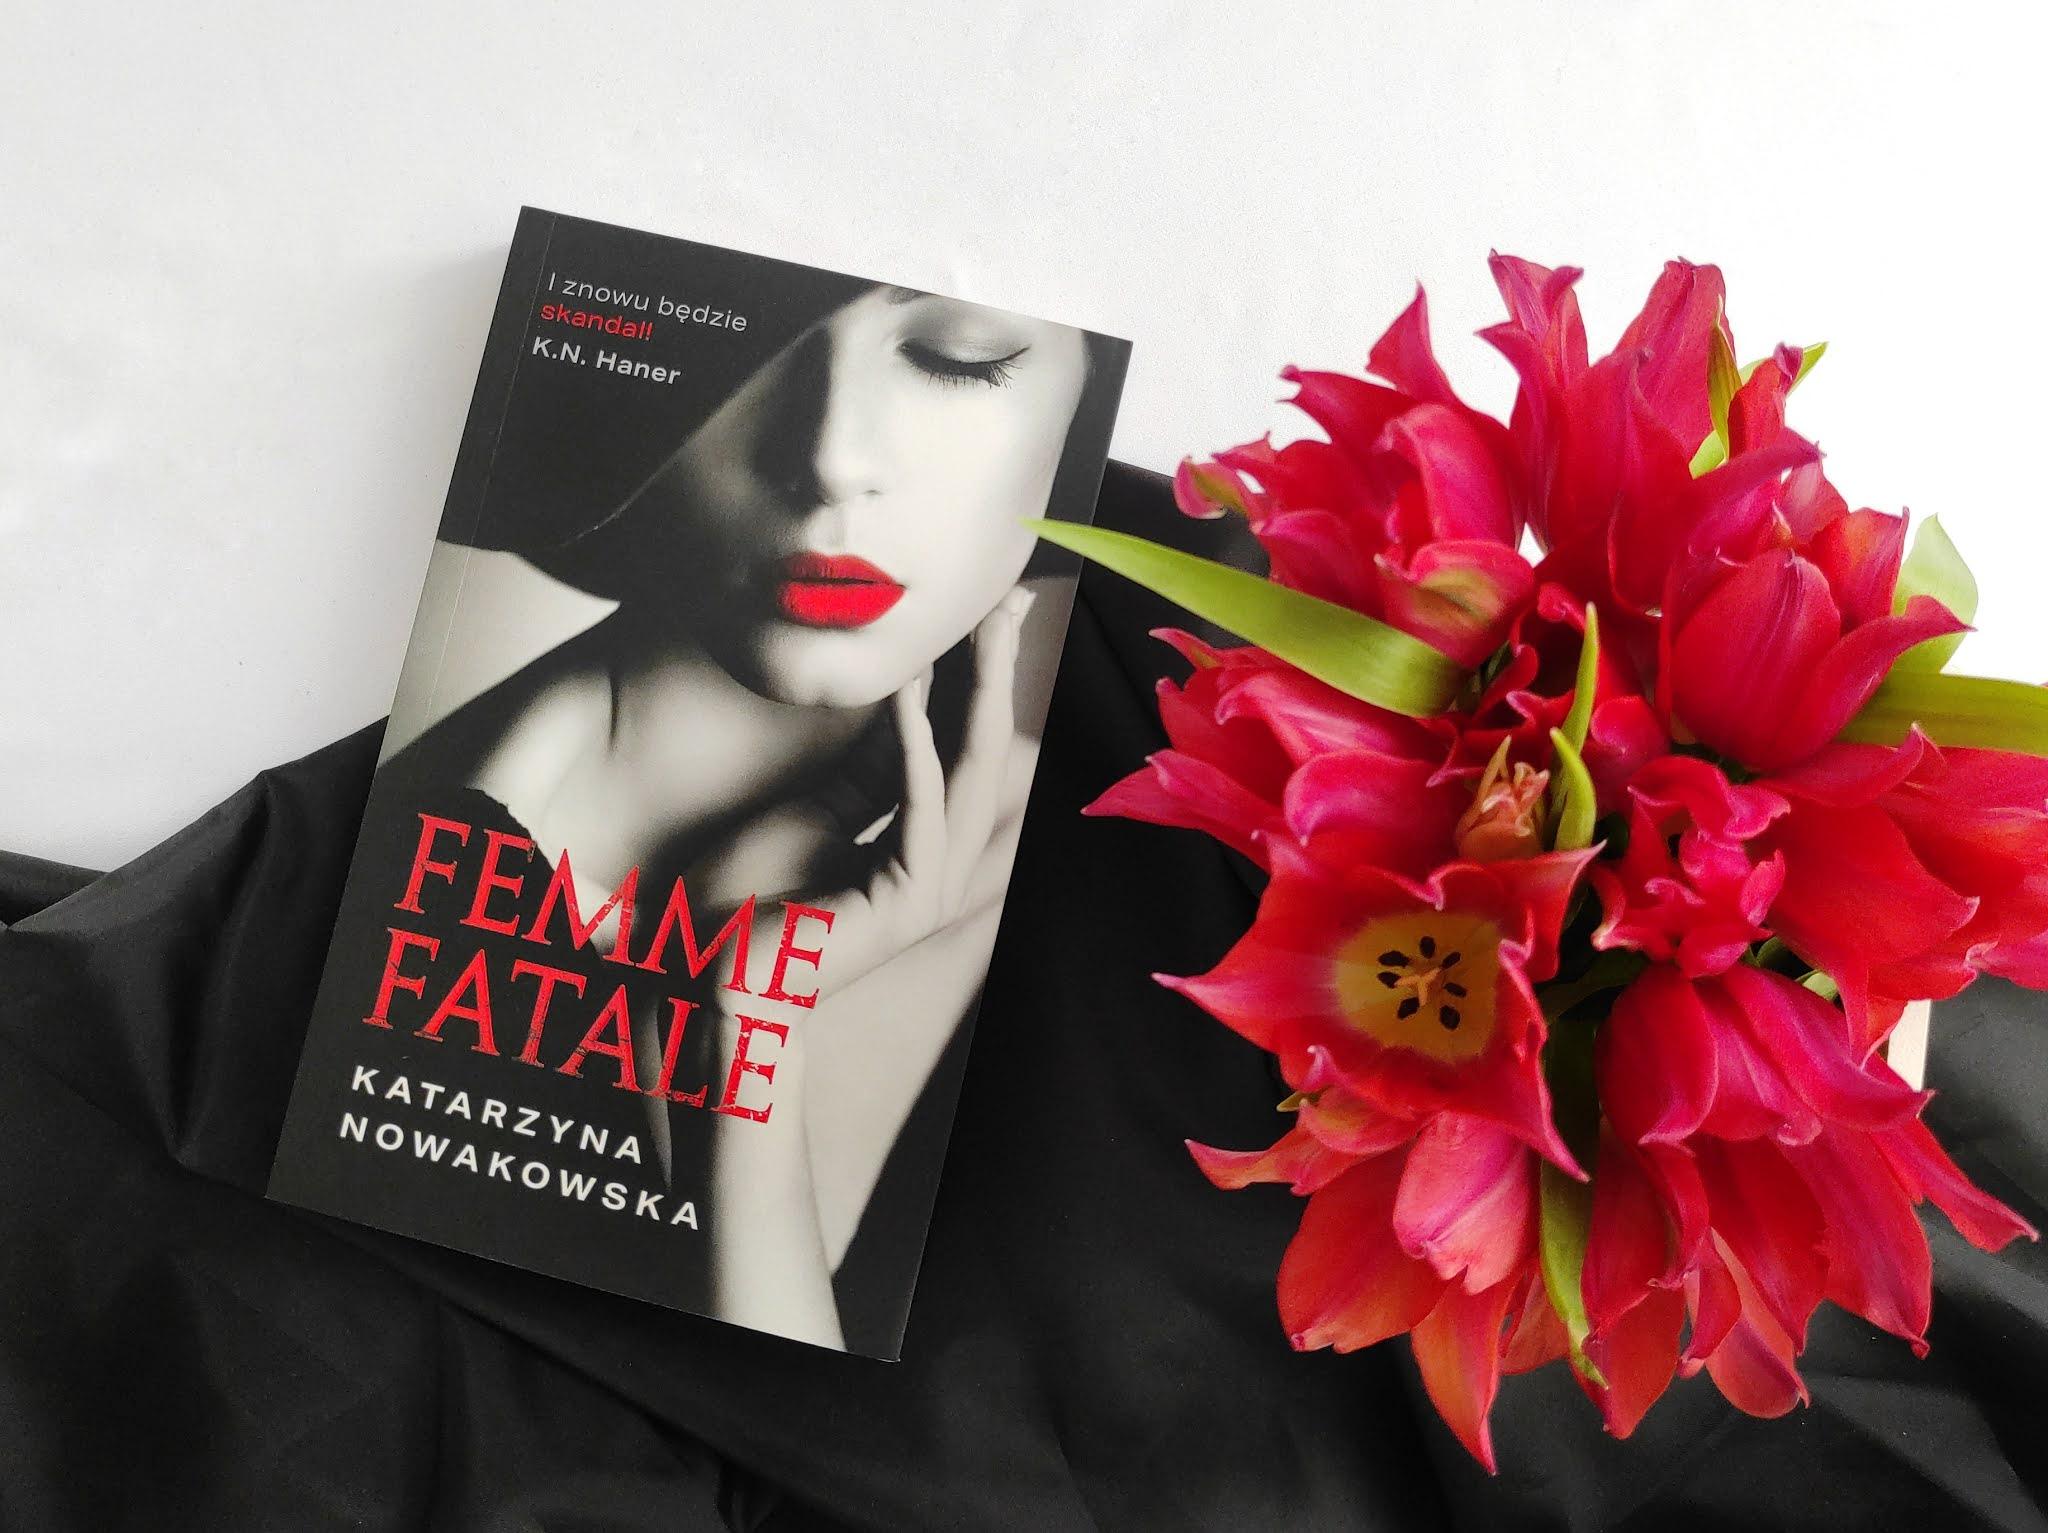 Famme Fatale recenzja książki